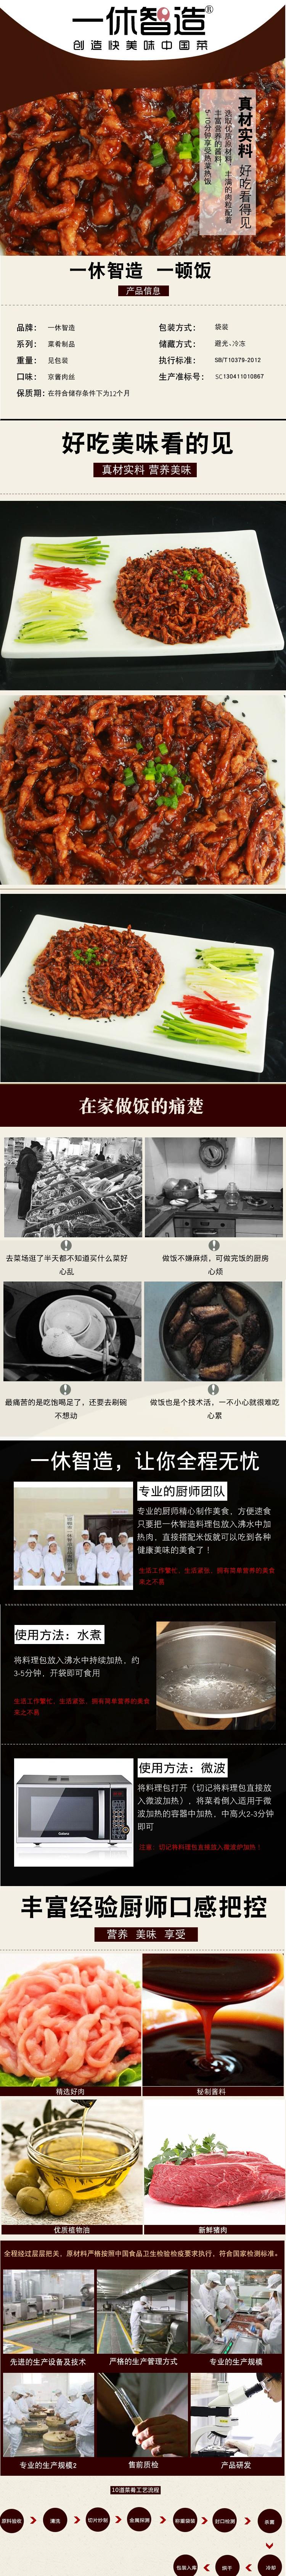 京酱肉丝.jpg